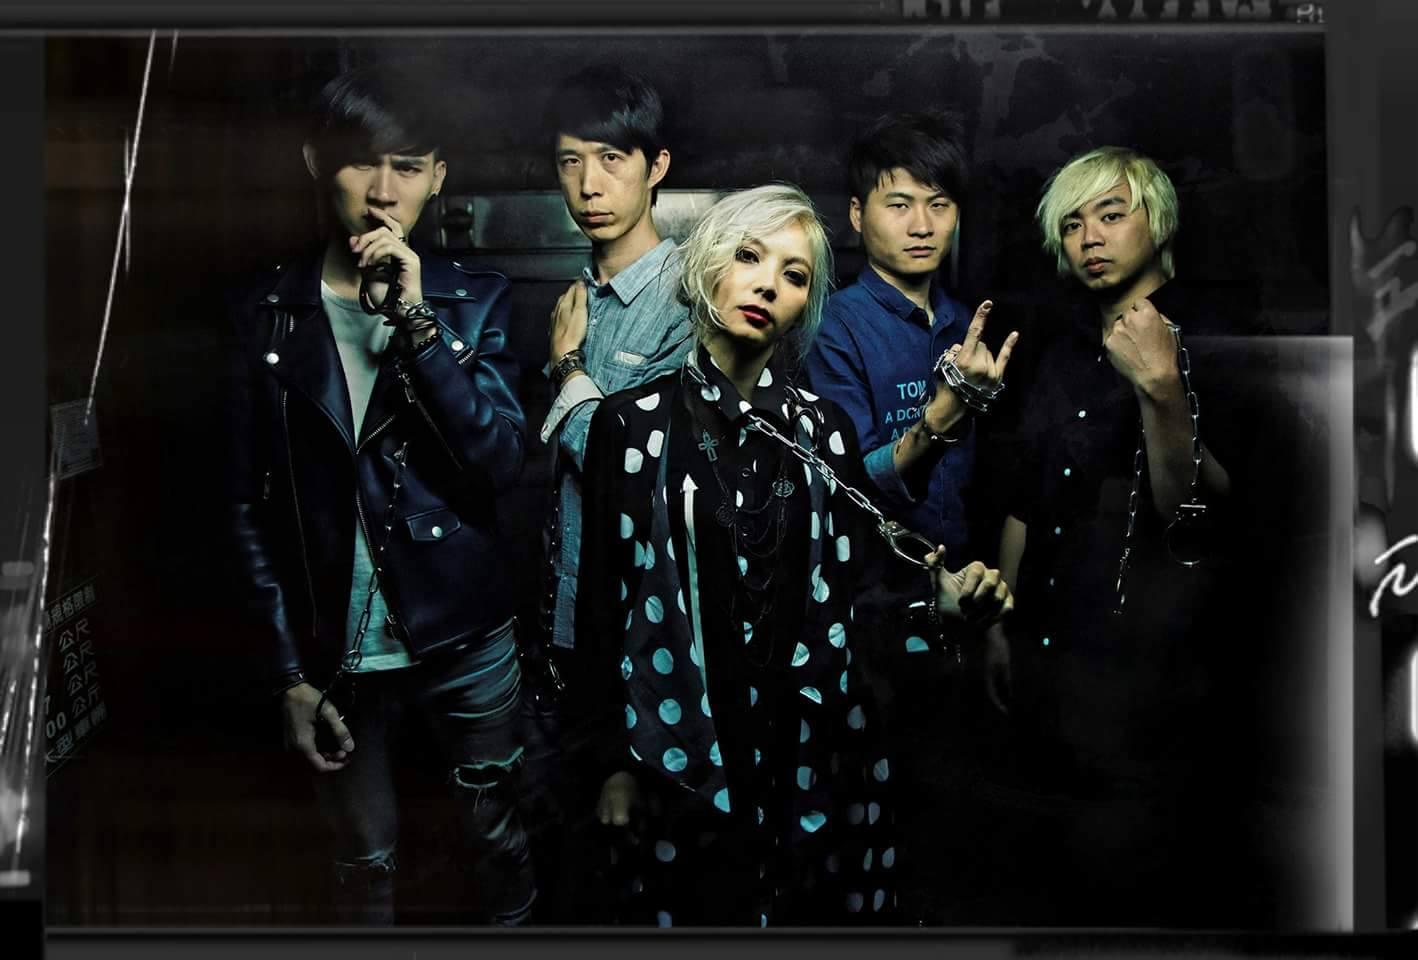 成軍五年、野花樂團即將推出首張專輯《再度綻放》